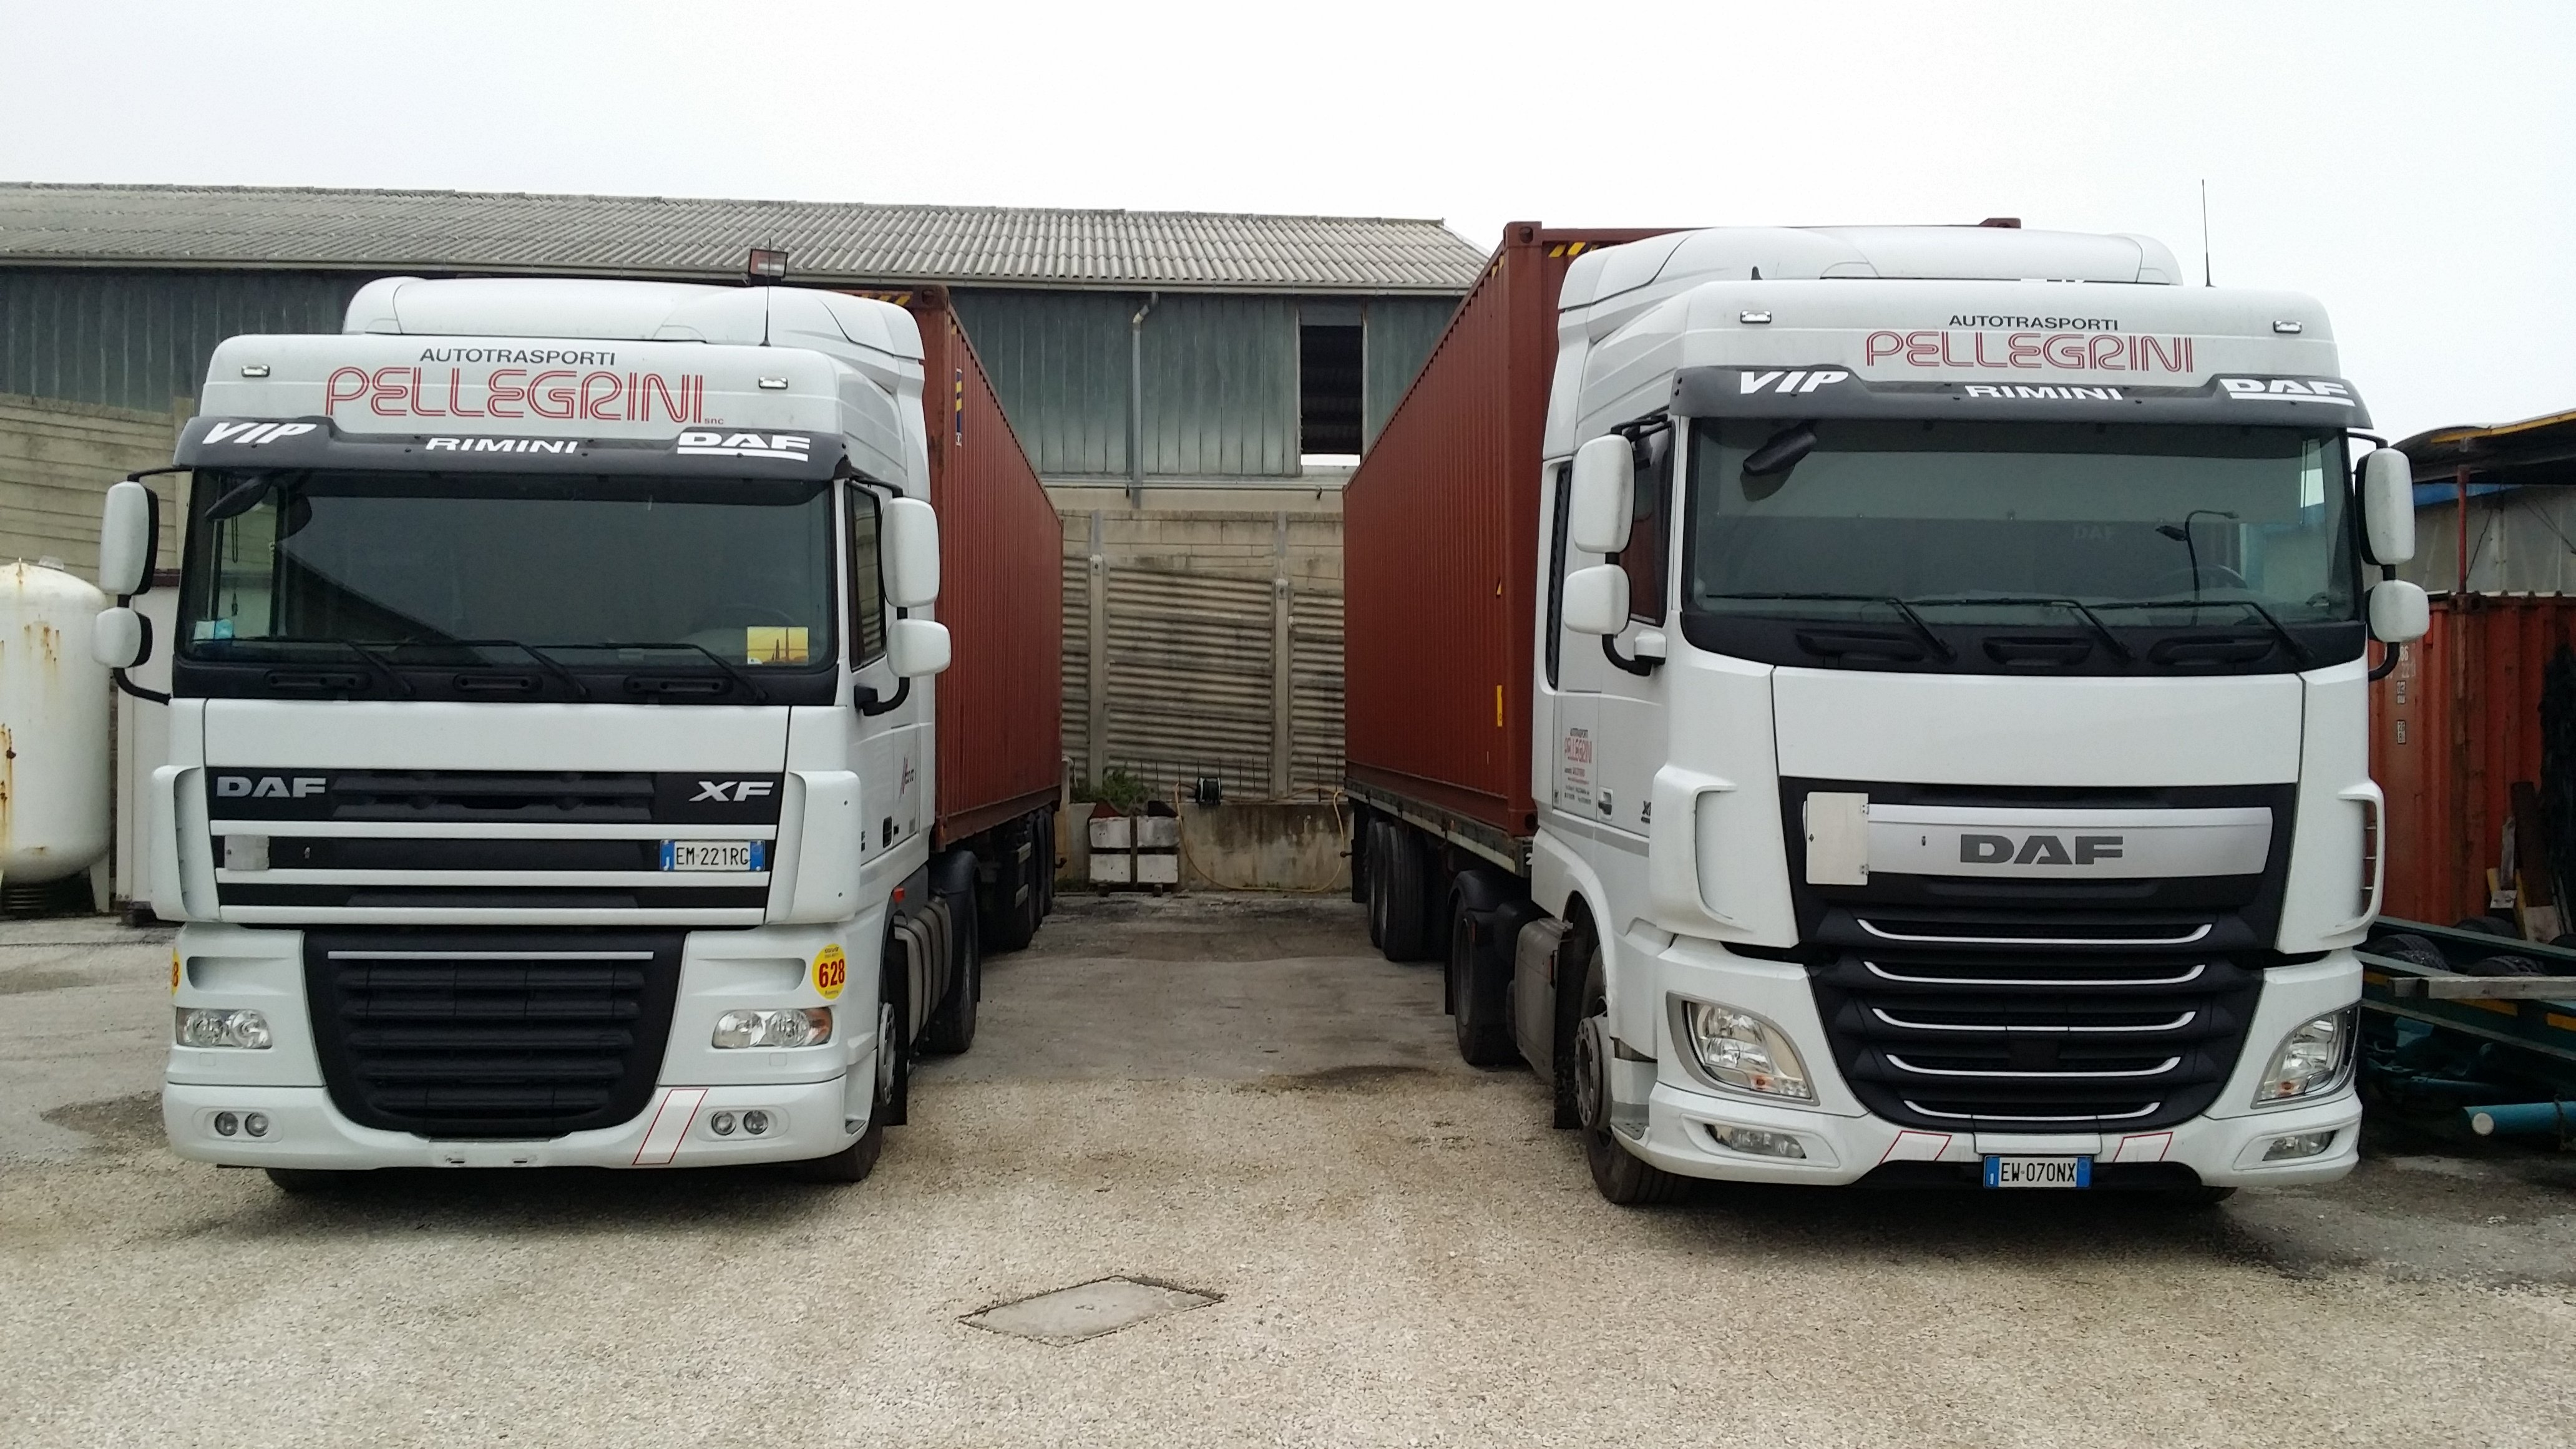 due camion bianchi parcheggiati con scritto Pellegrini